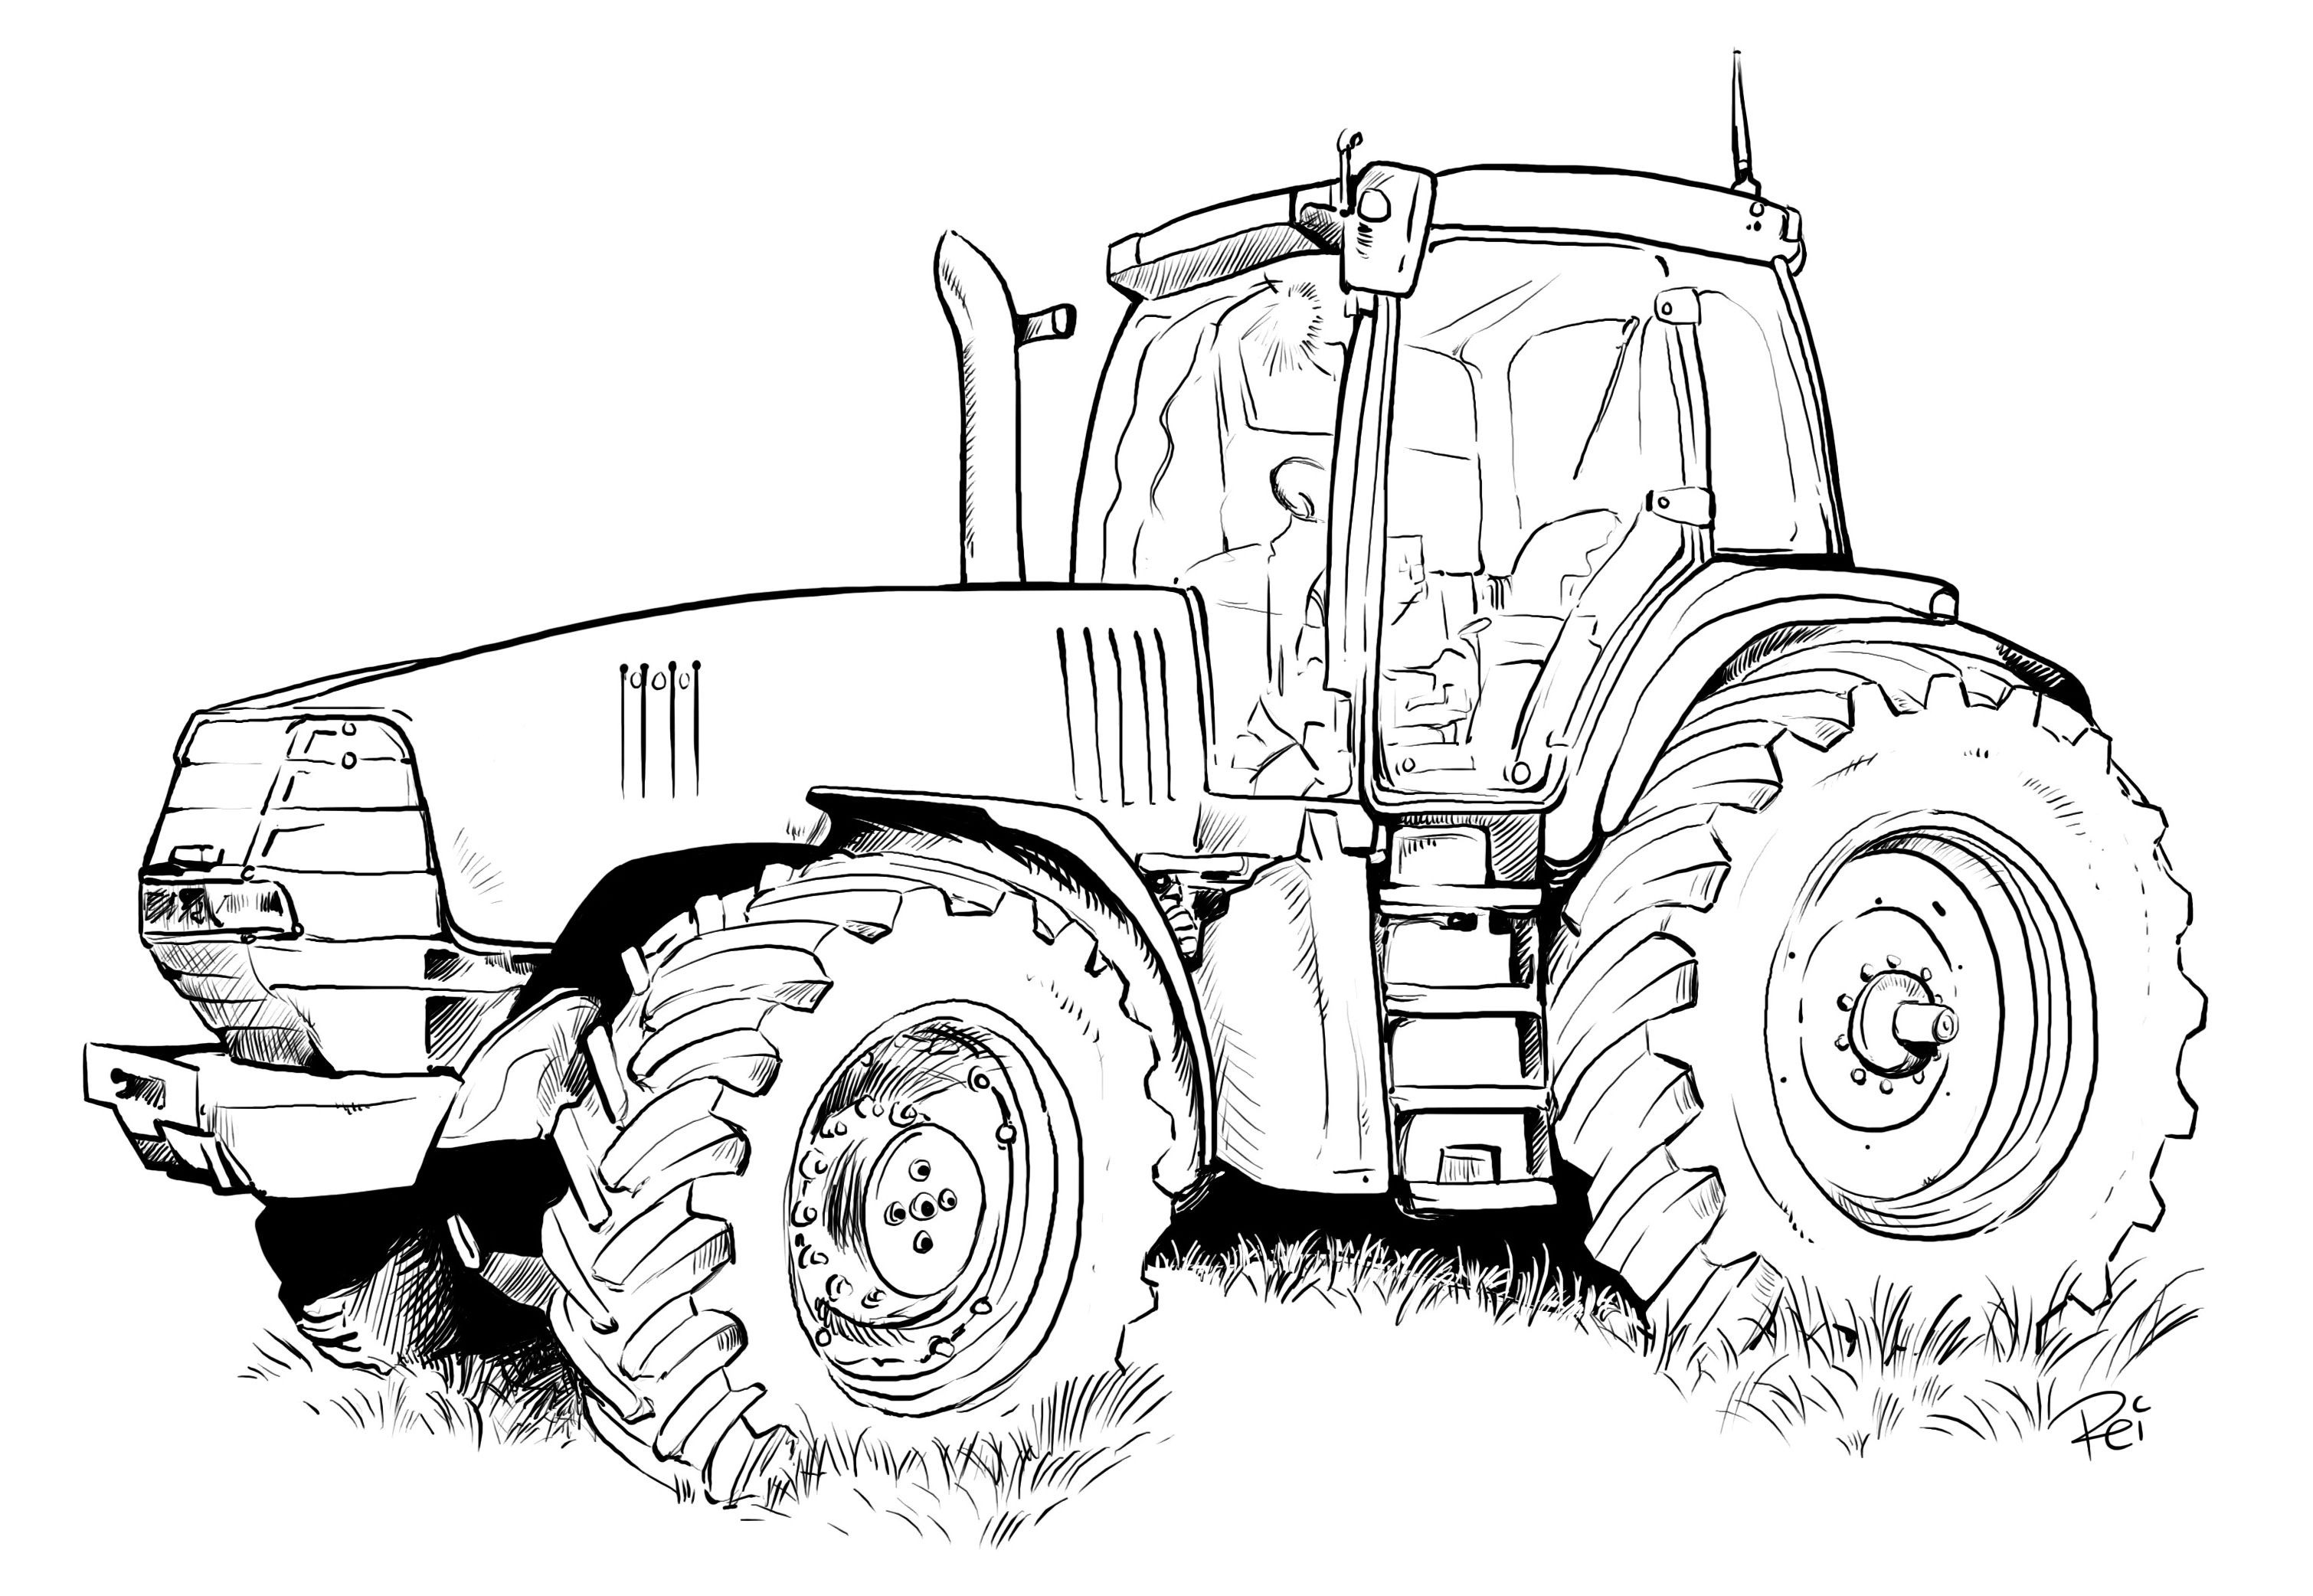 Papagei Zum Ausmalen Frisch Traktoren Bilder Zum Ausmalen Bauernhof Frisch Hase Ausmalbilder Zum Bilder